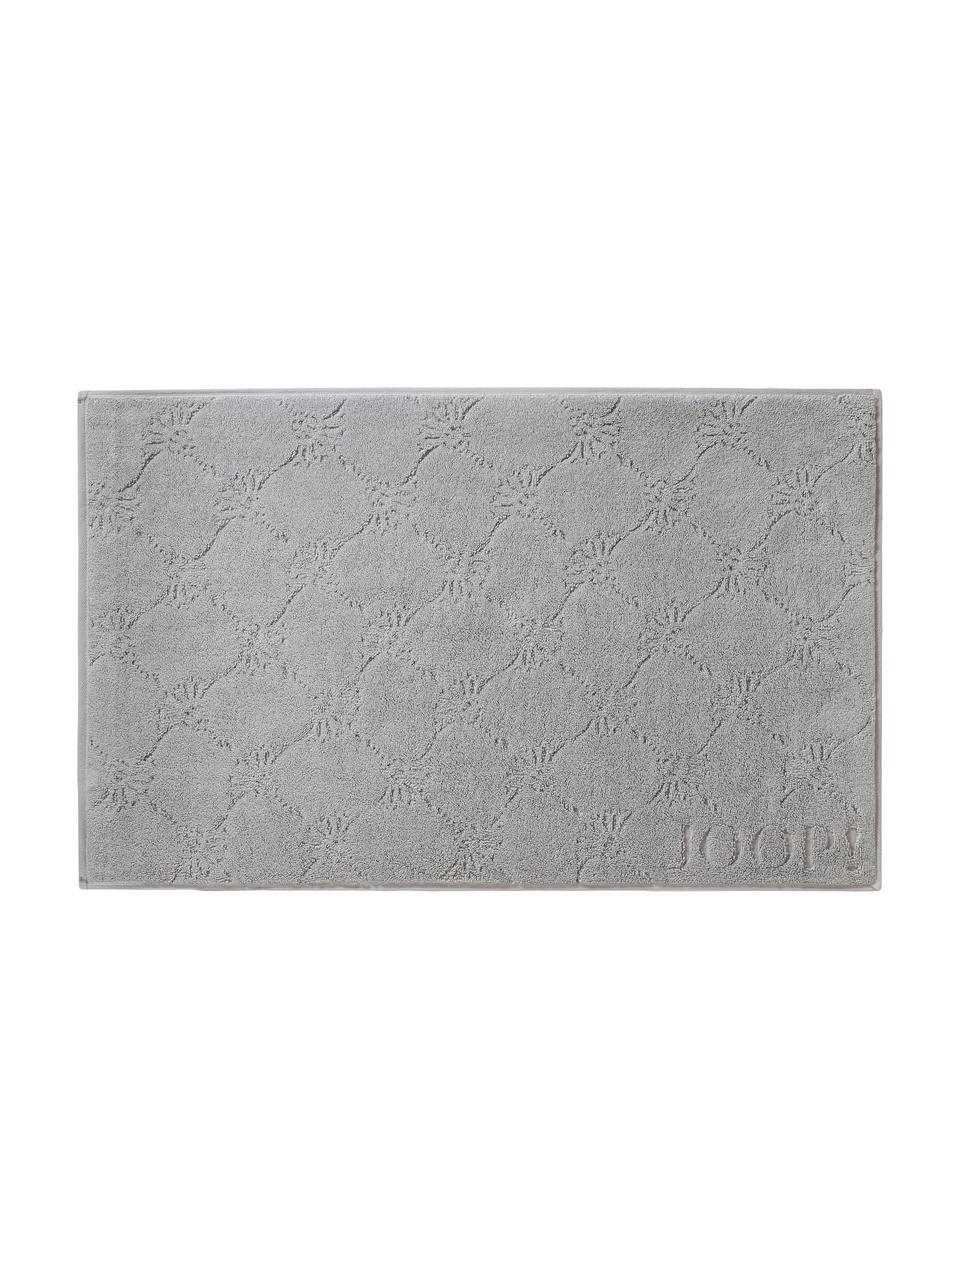 Dywanik  łazienkowy Cornflower, Srebrnoszary, S 50 x D 80 cm